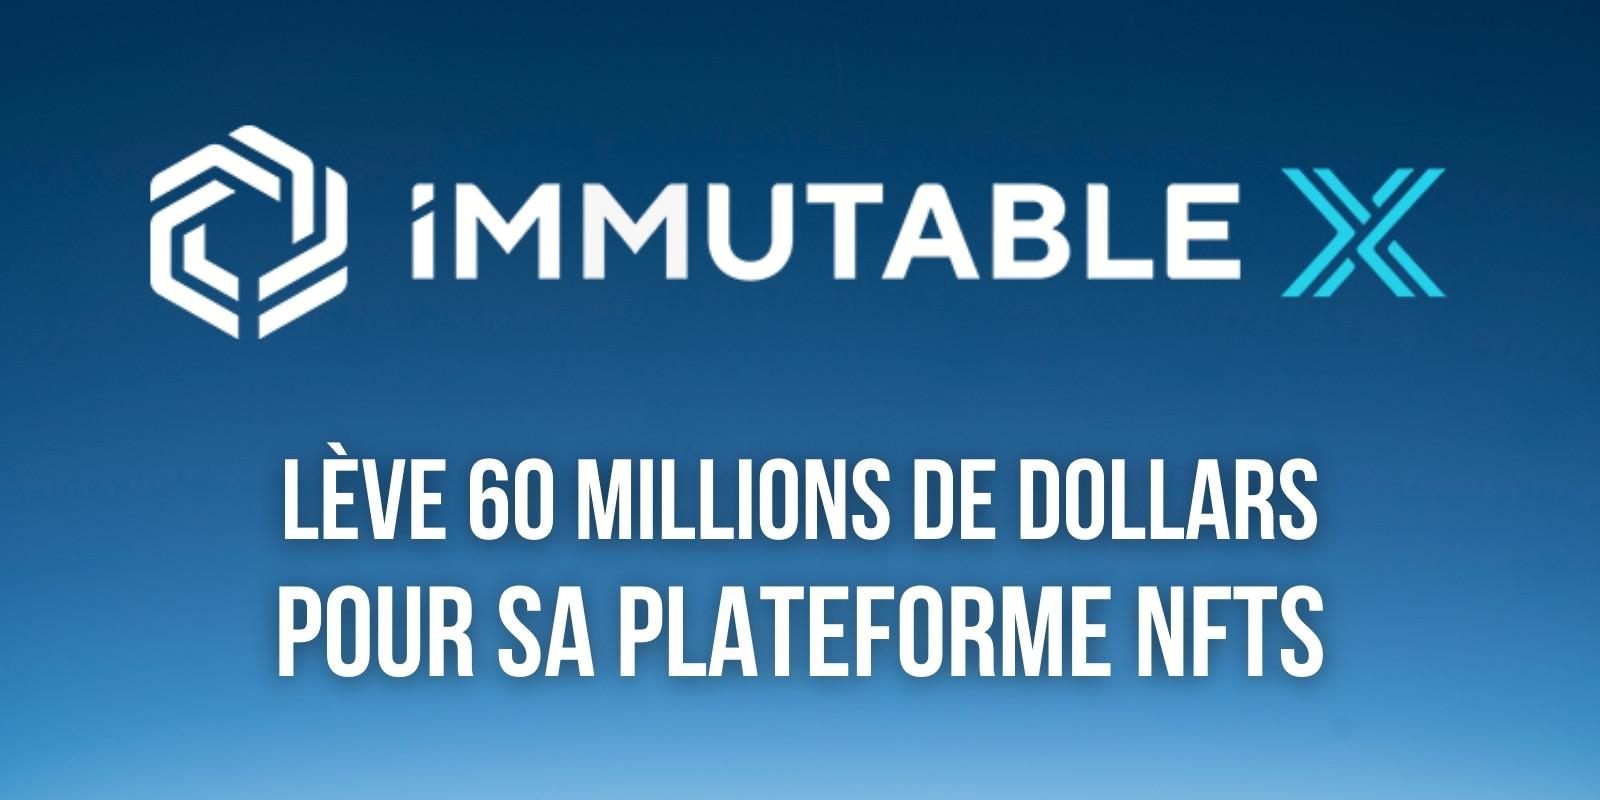 Immutable lève 60 millions de dollars pour sa plateforme de jeux NFTs sur Ethereum